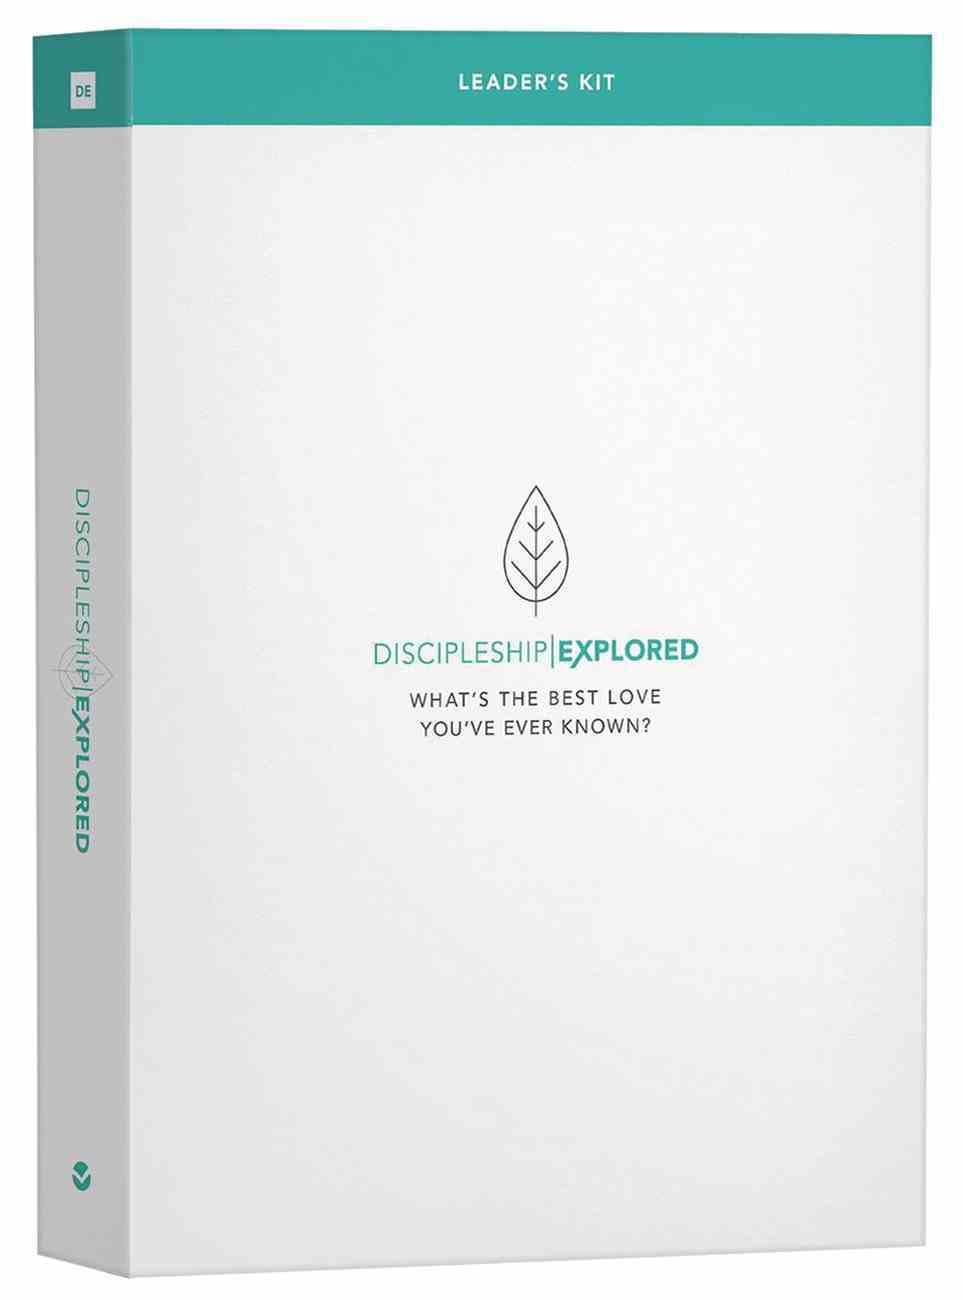 Discipleship Explored (Leader's Kit) Pack